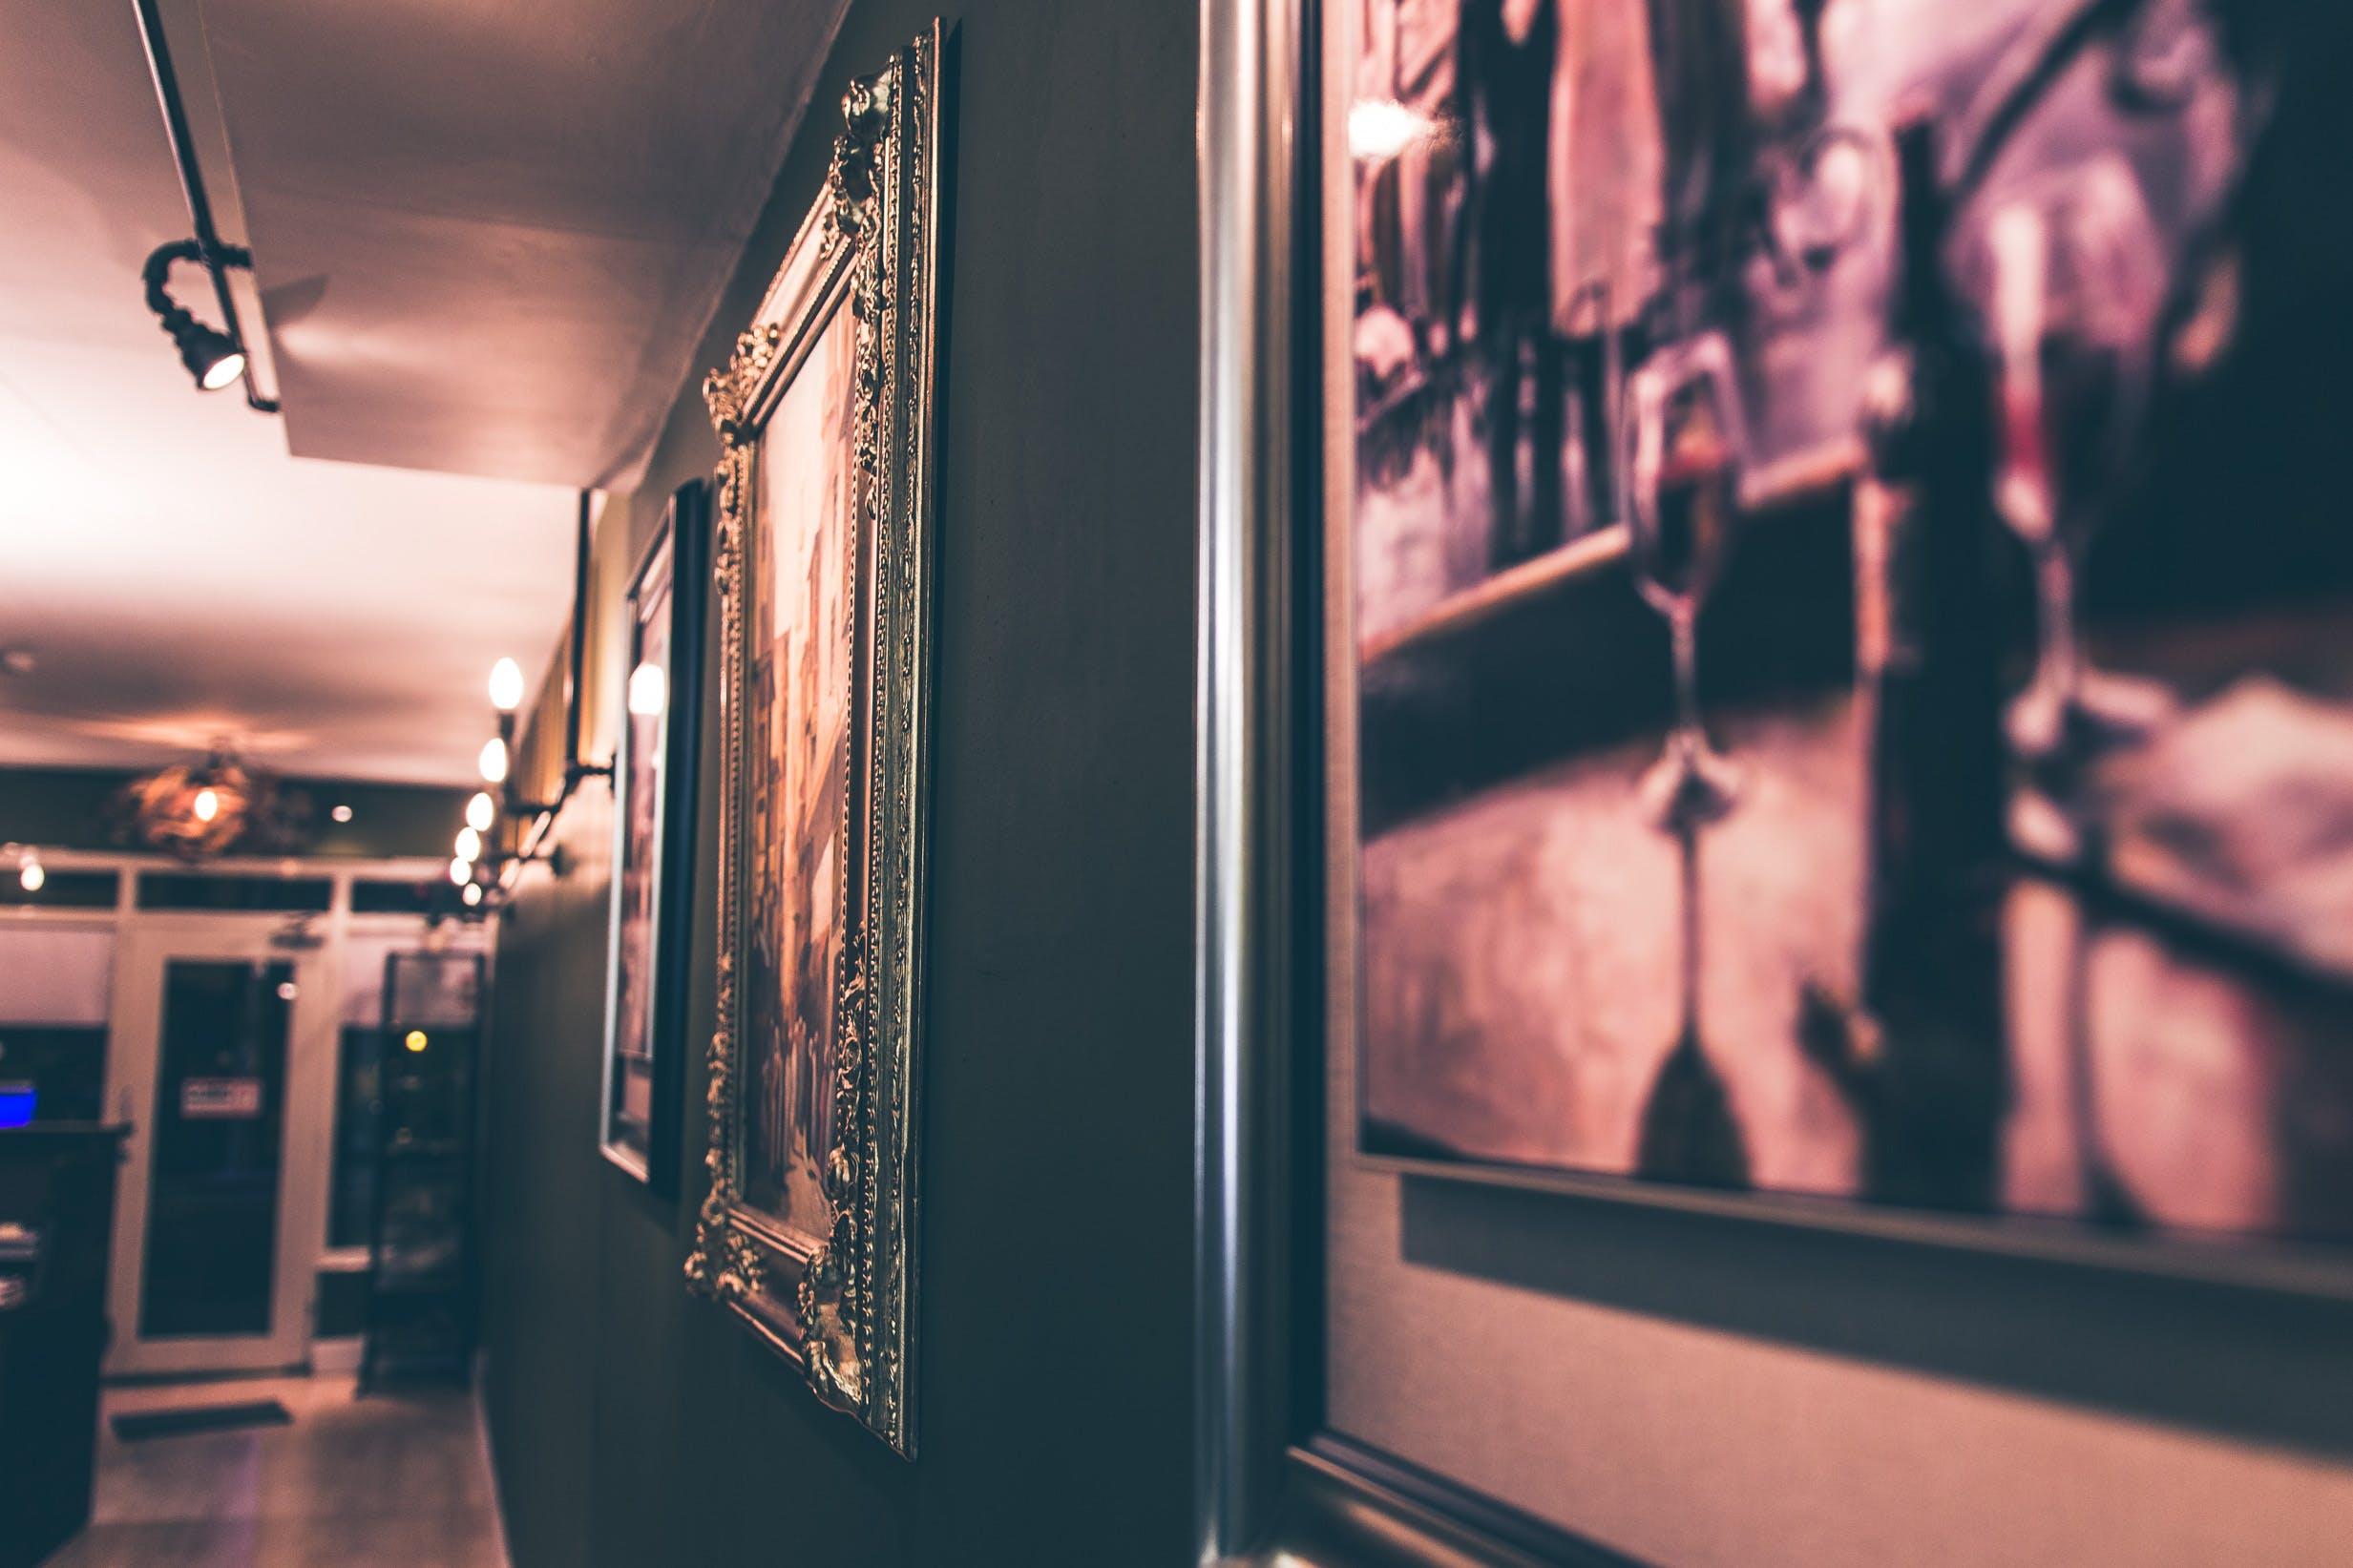 Kostnadsfri bild av bild, handel, korridor, lampor